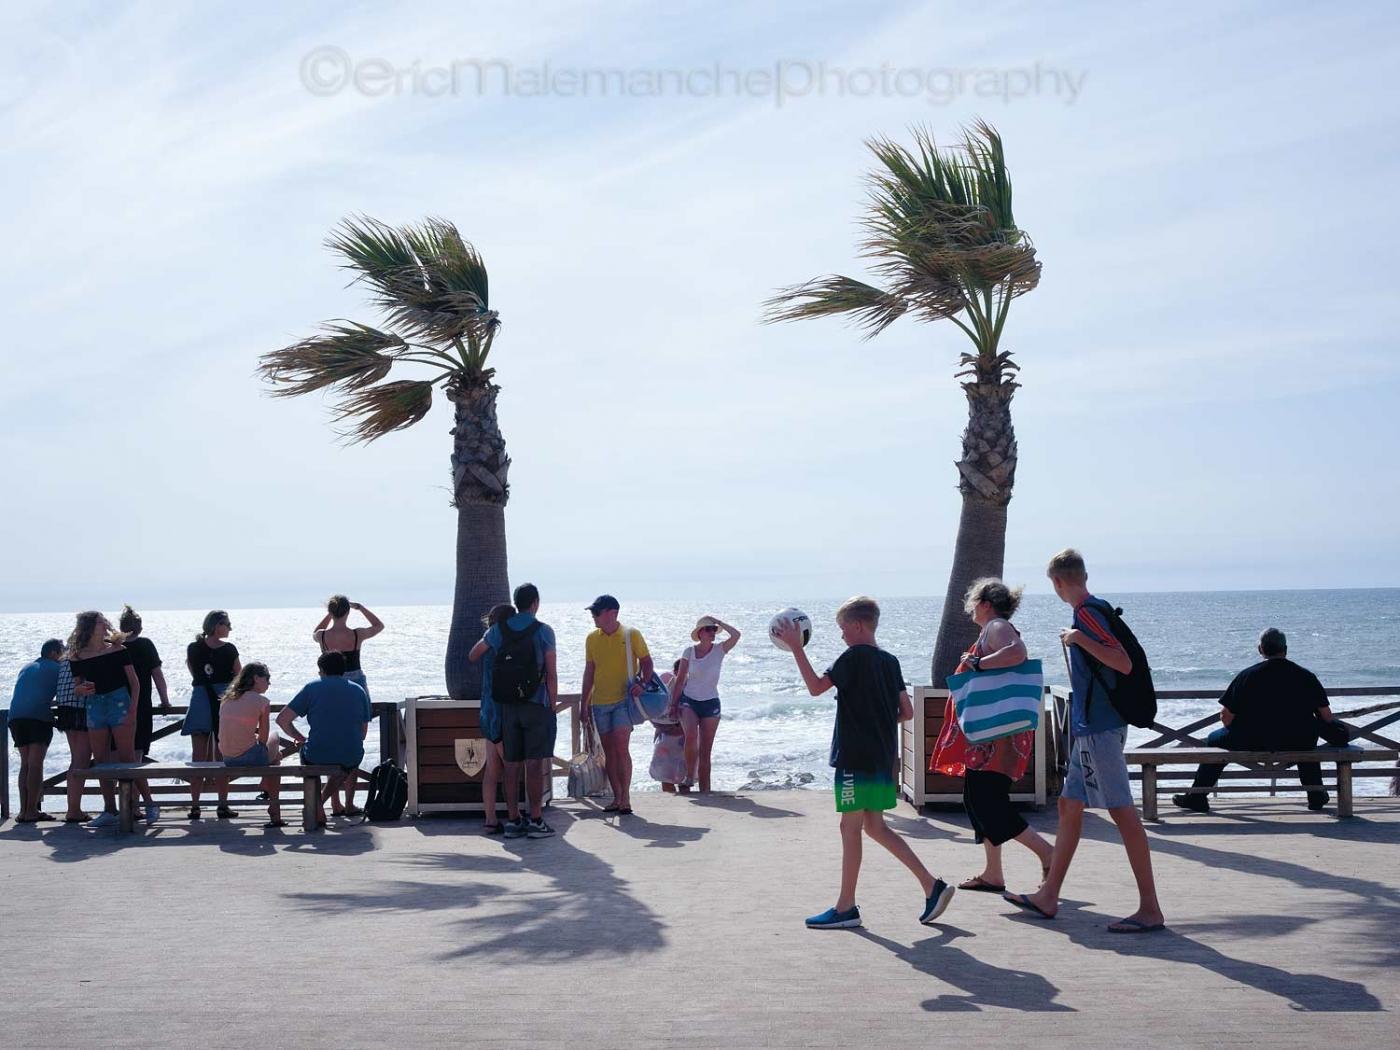 https://www.ericmalemanche.com/imagess/topics/les-conges/liste/vacances-en-france.jpg